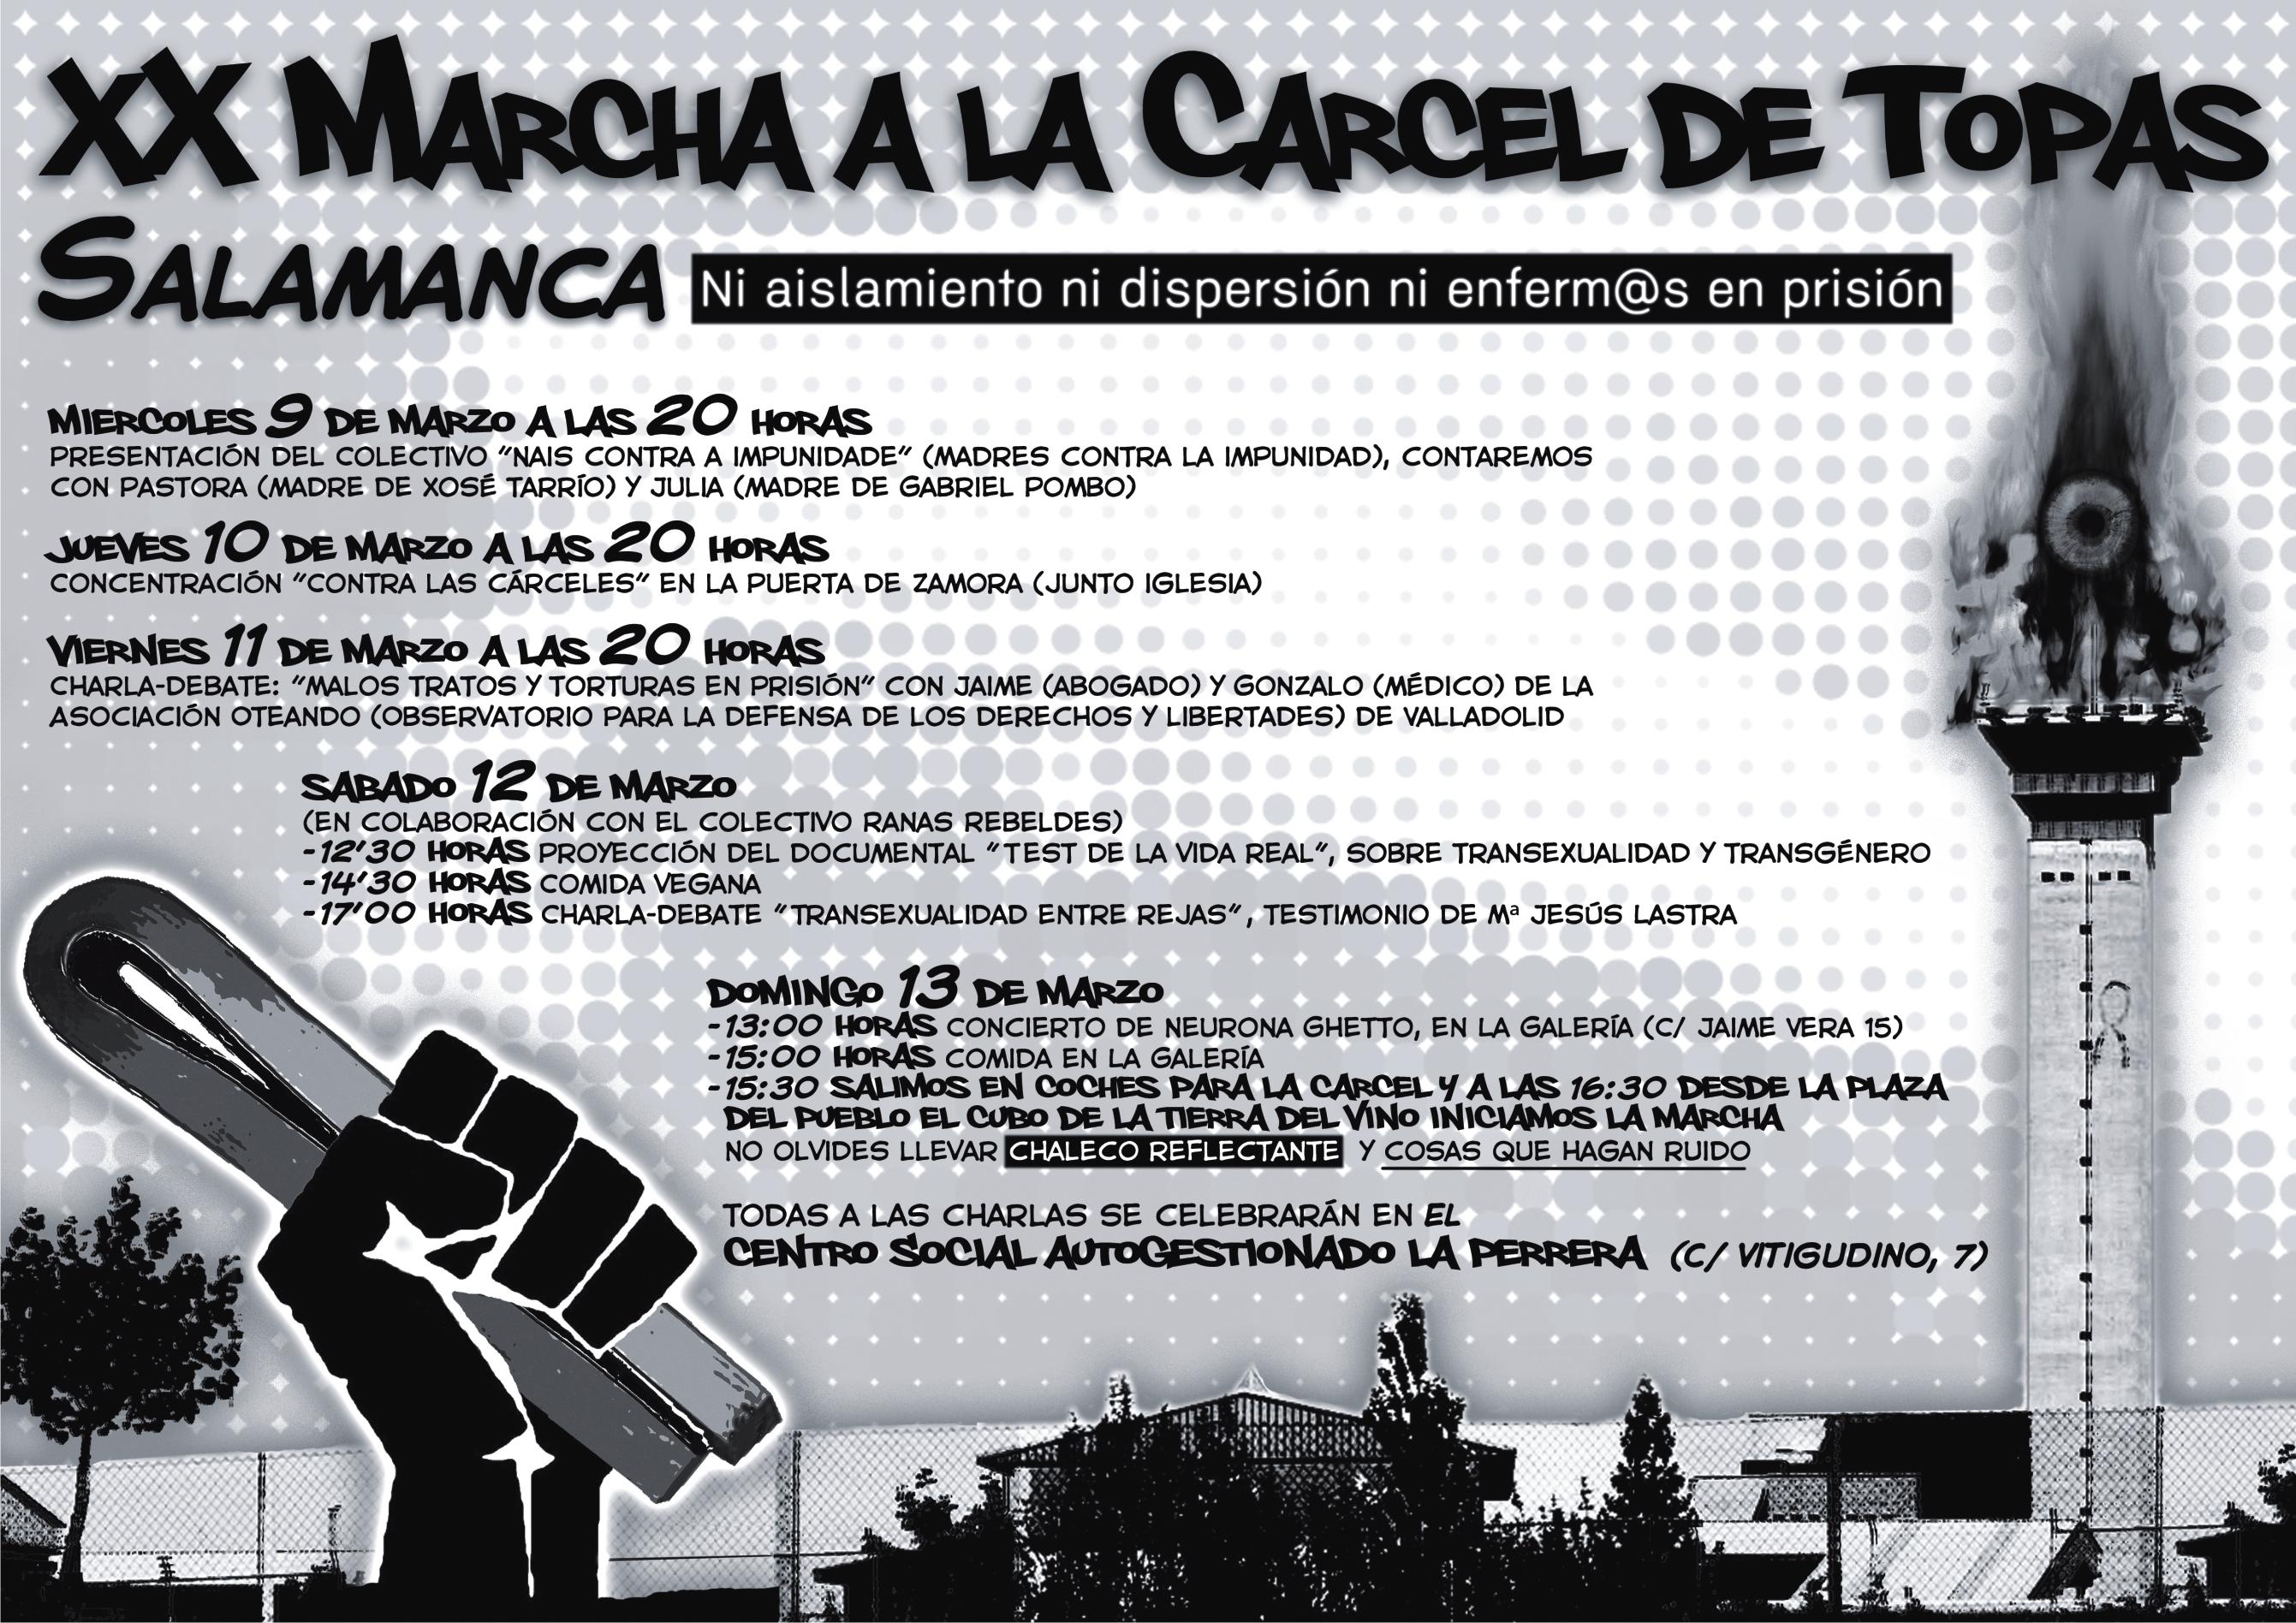 cartel de XX marcha a topas (1)